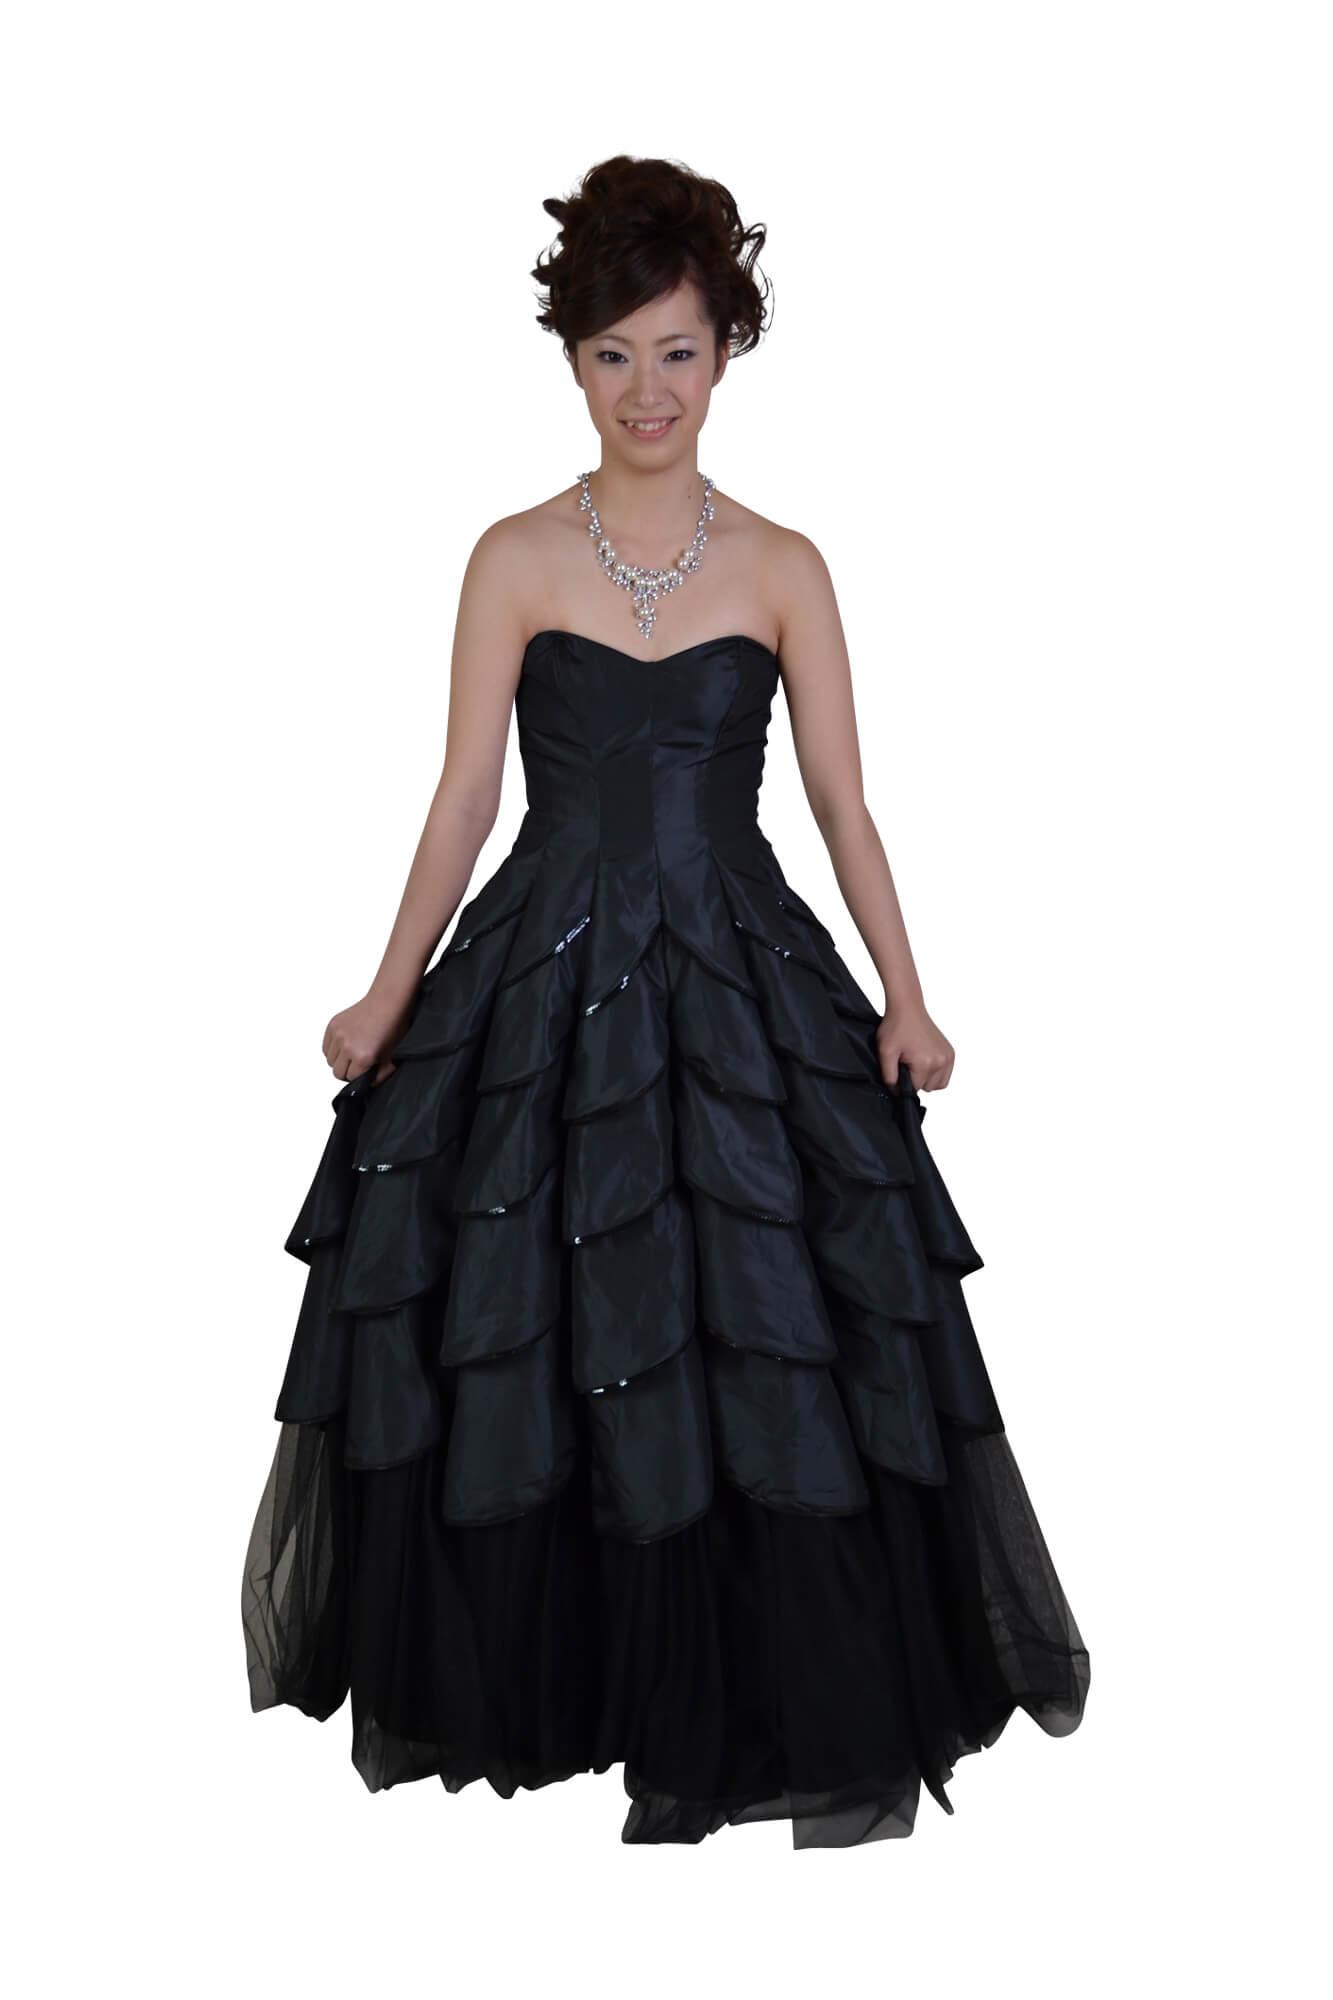 ベッツィジョンソン (BETSEY JOHNSON)ロングボリューム黒ドレス